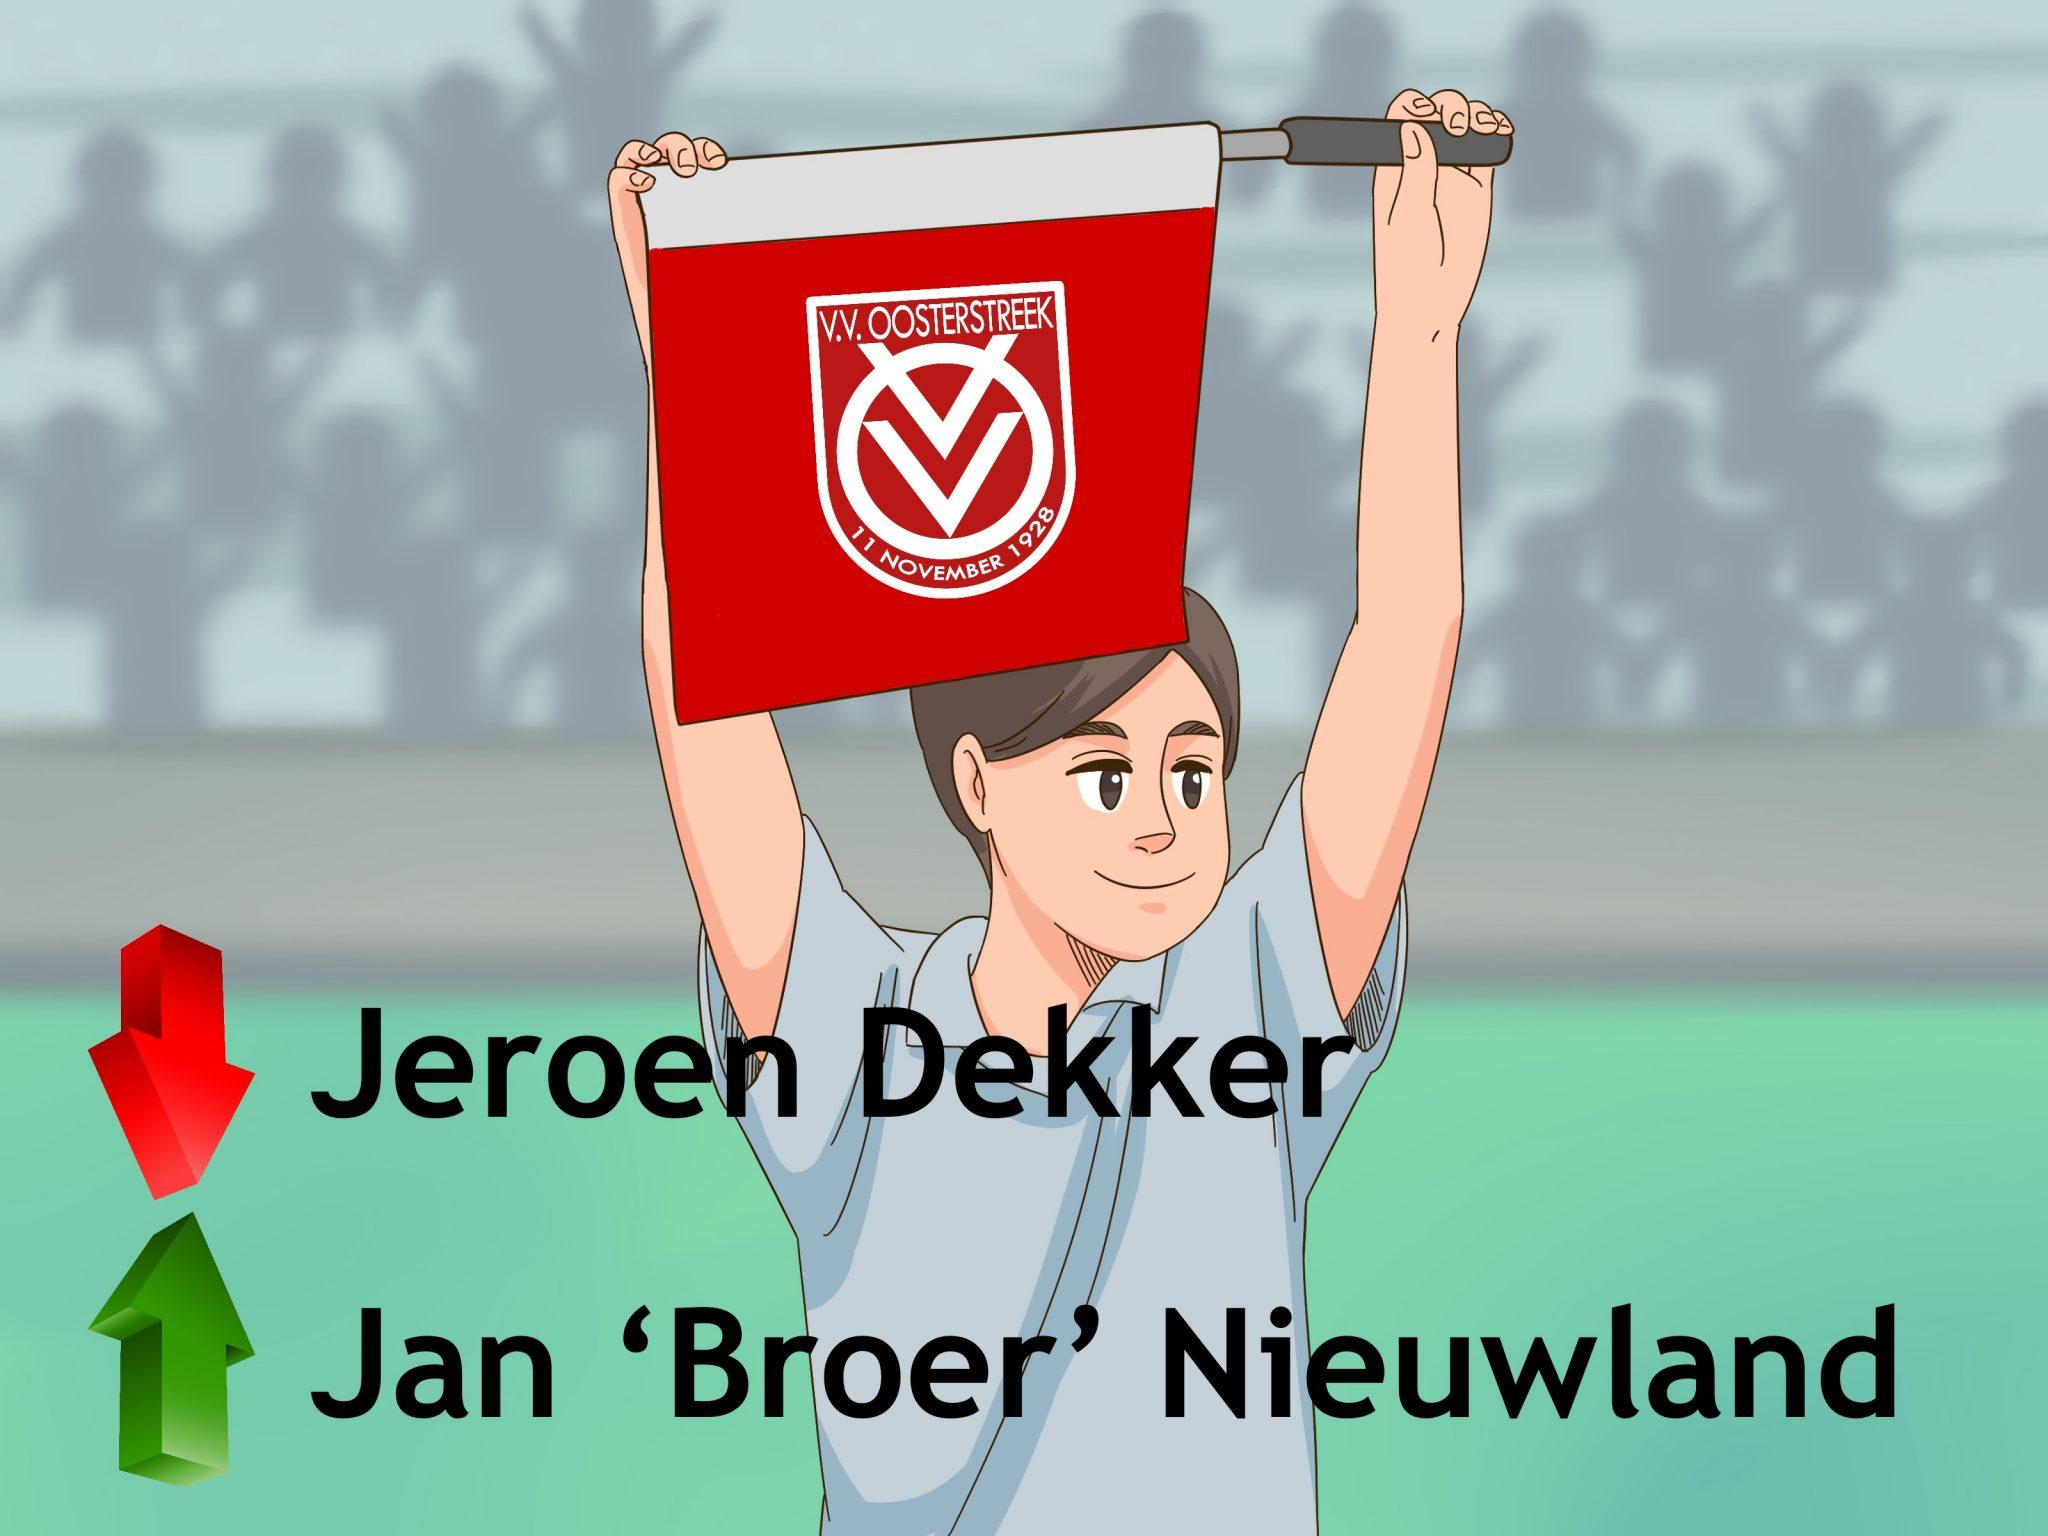 Wissel Oosterstreek: coach Nieuwland vervangt Dekker